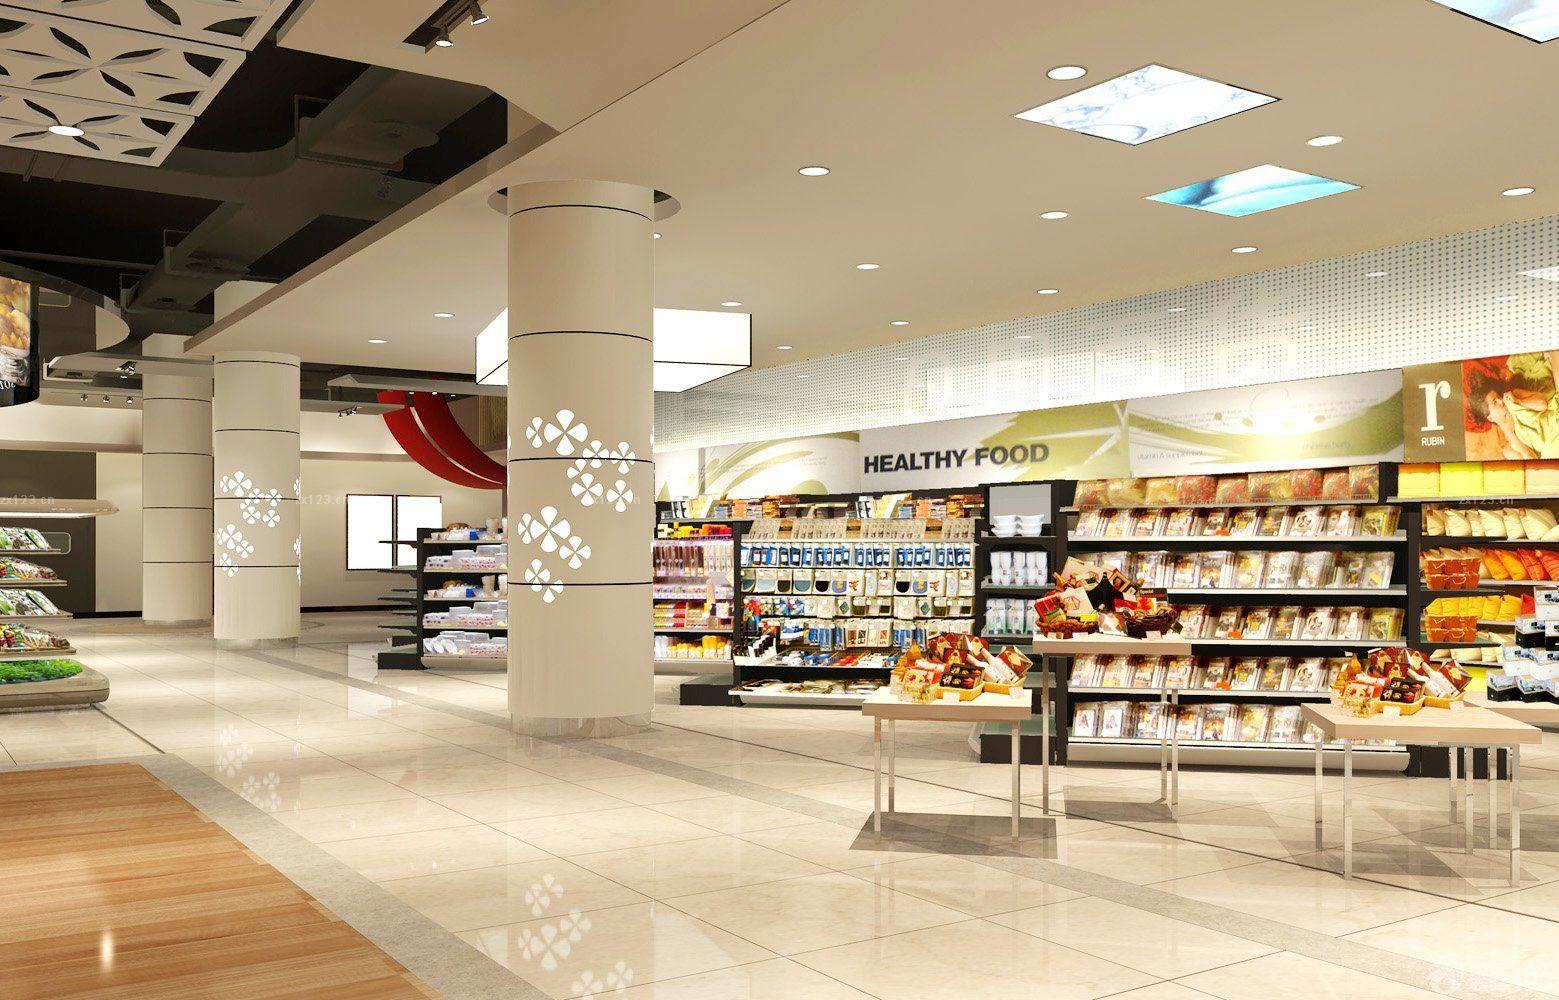 商场超市柱子装饰装修效果图片